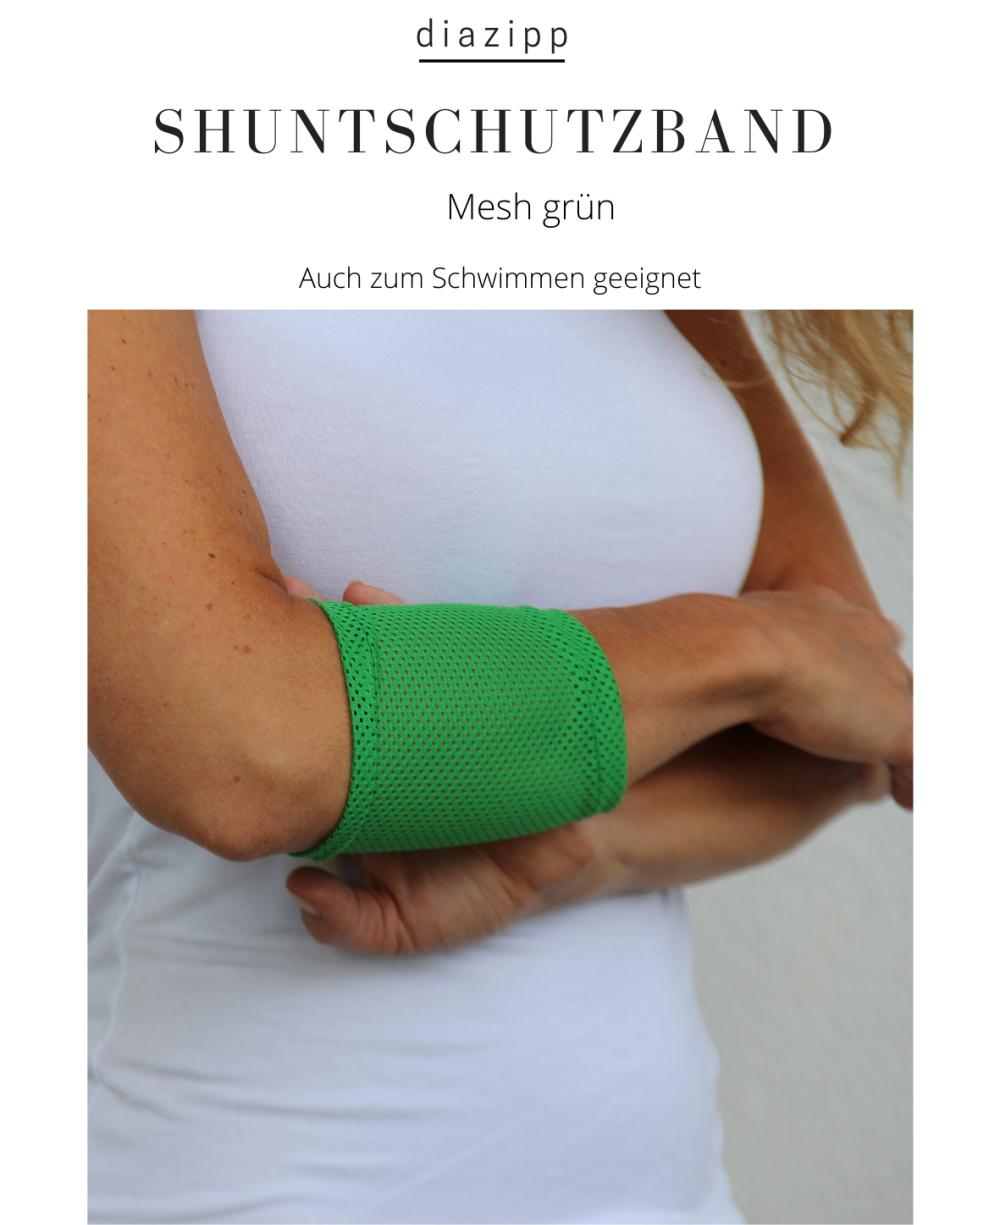 grün-Shuntband-Mesh-für-Dialysepatienten-Diazipp-Dialyse-Bekleidung